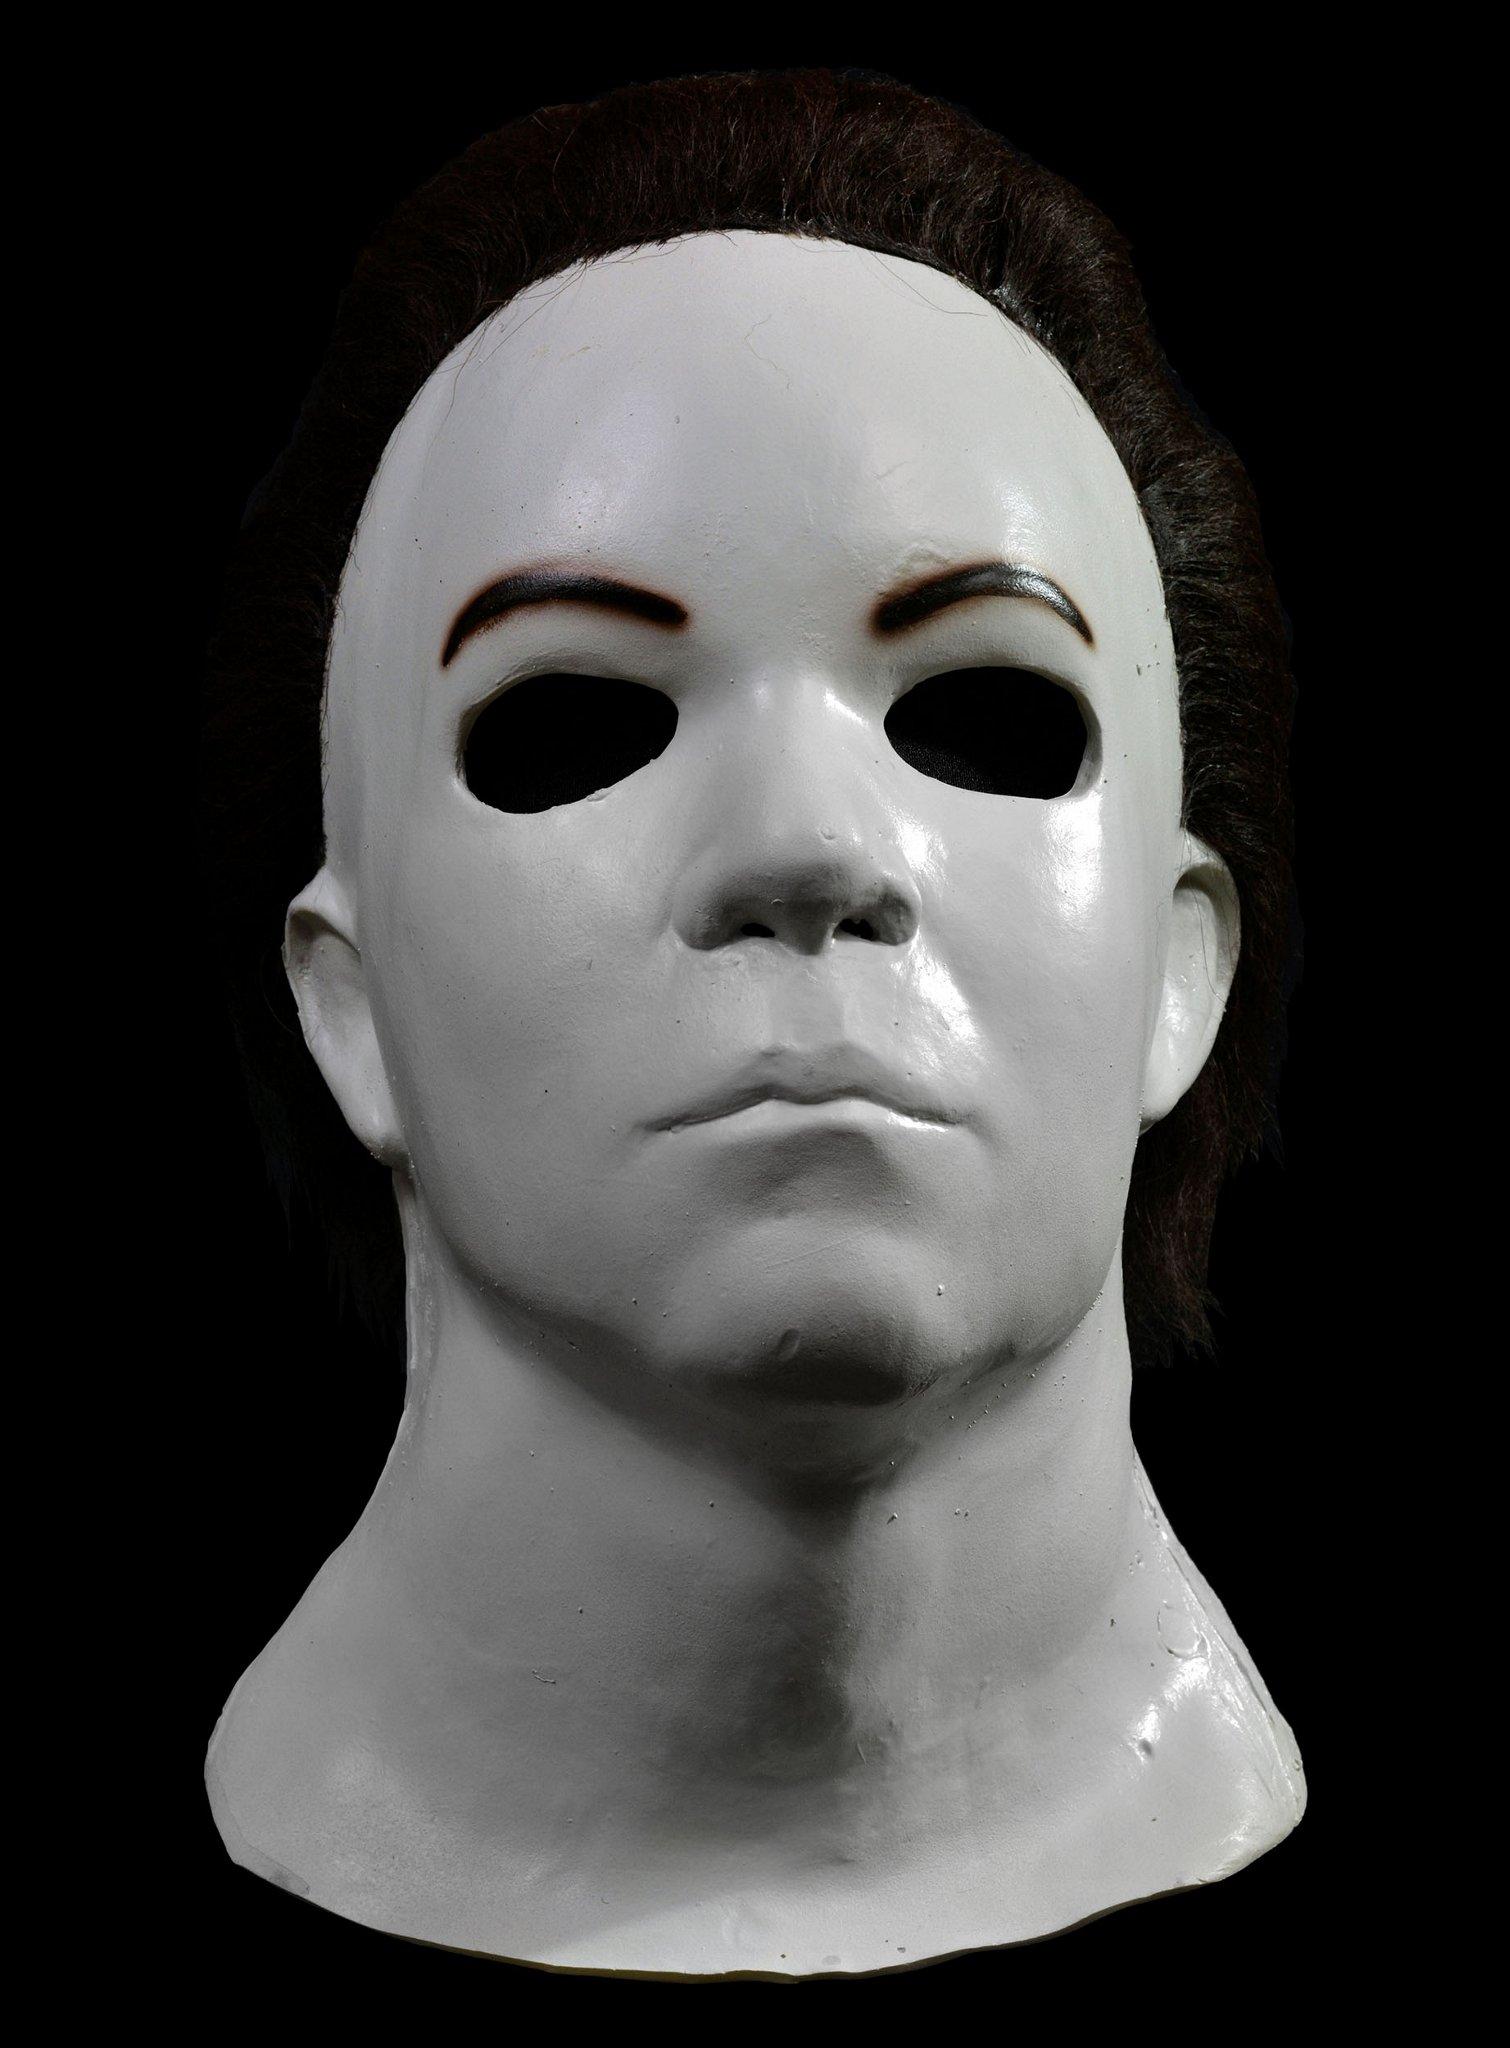 wie man kauft heiß-verkaufender Fachmann außergewöhnliche Auswahl an Stilen Original Halloween H20 Michael Myers Maske Typ 2 | eBay